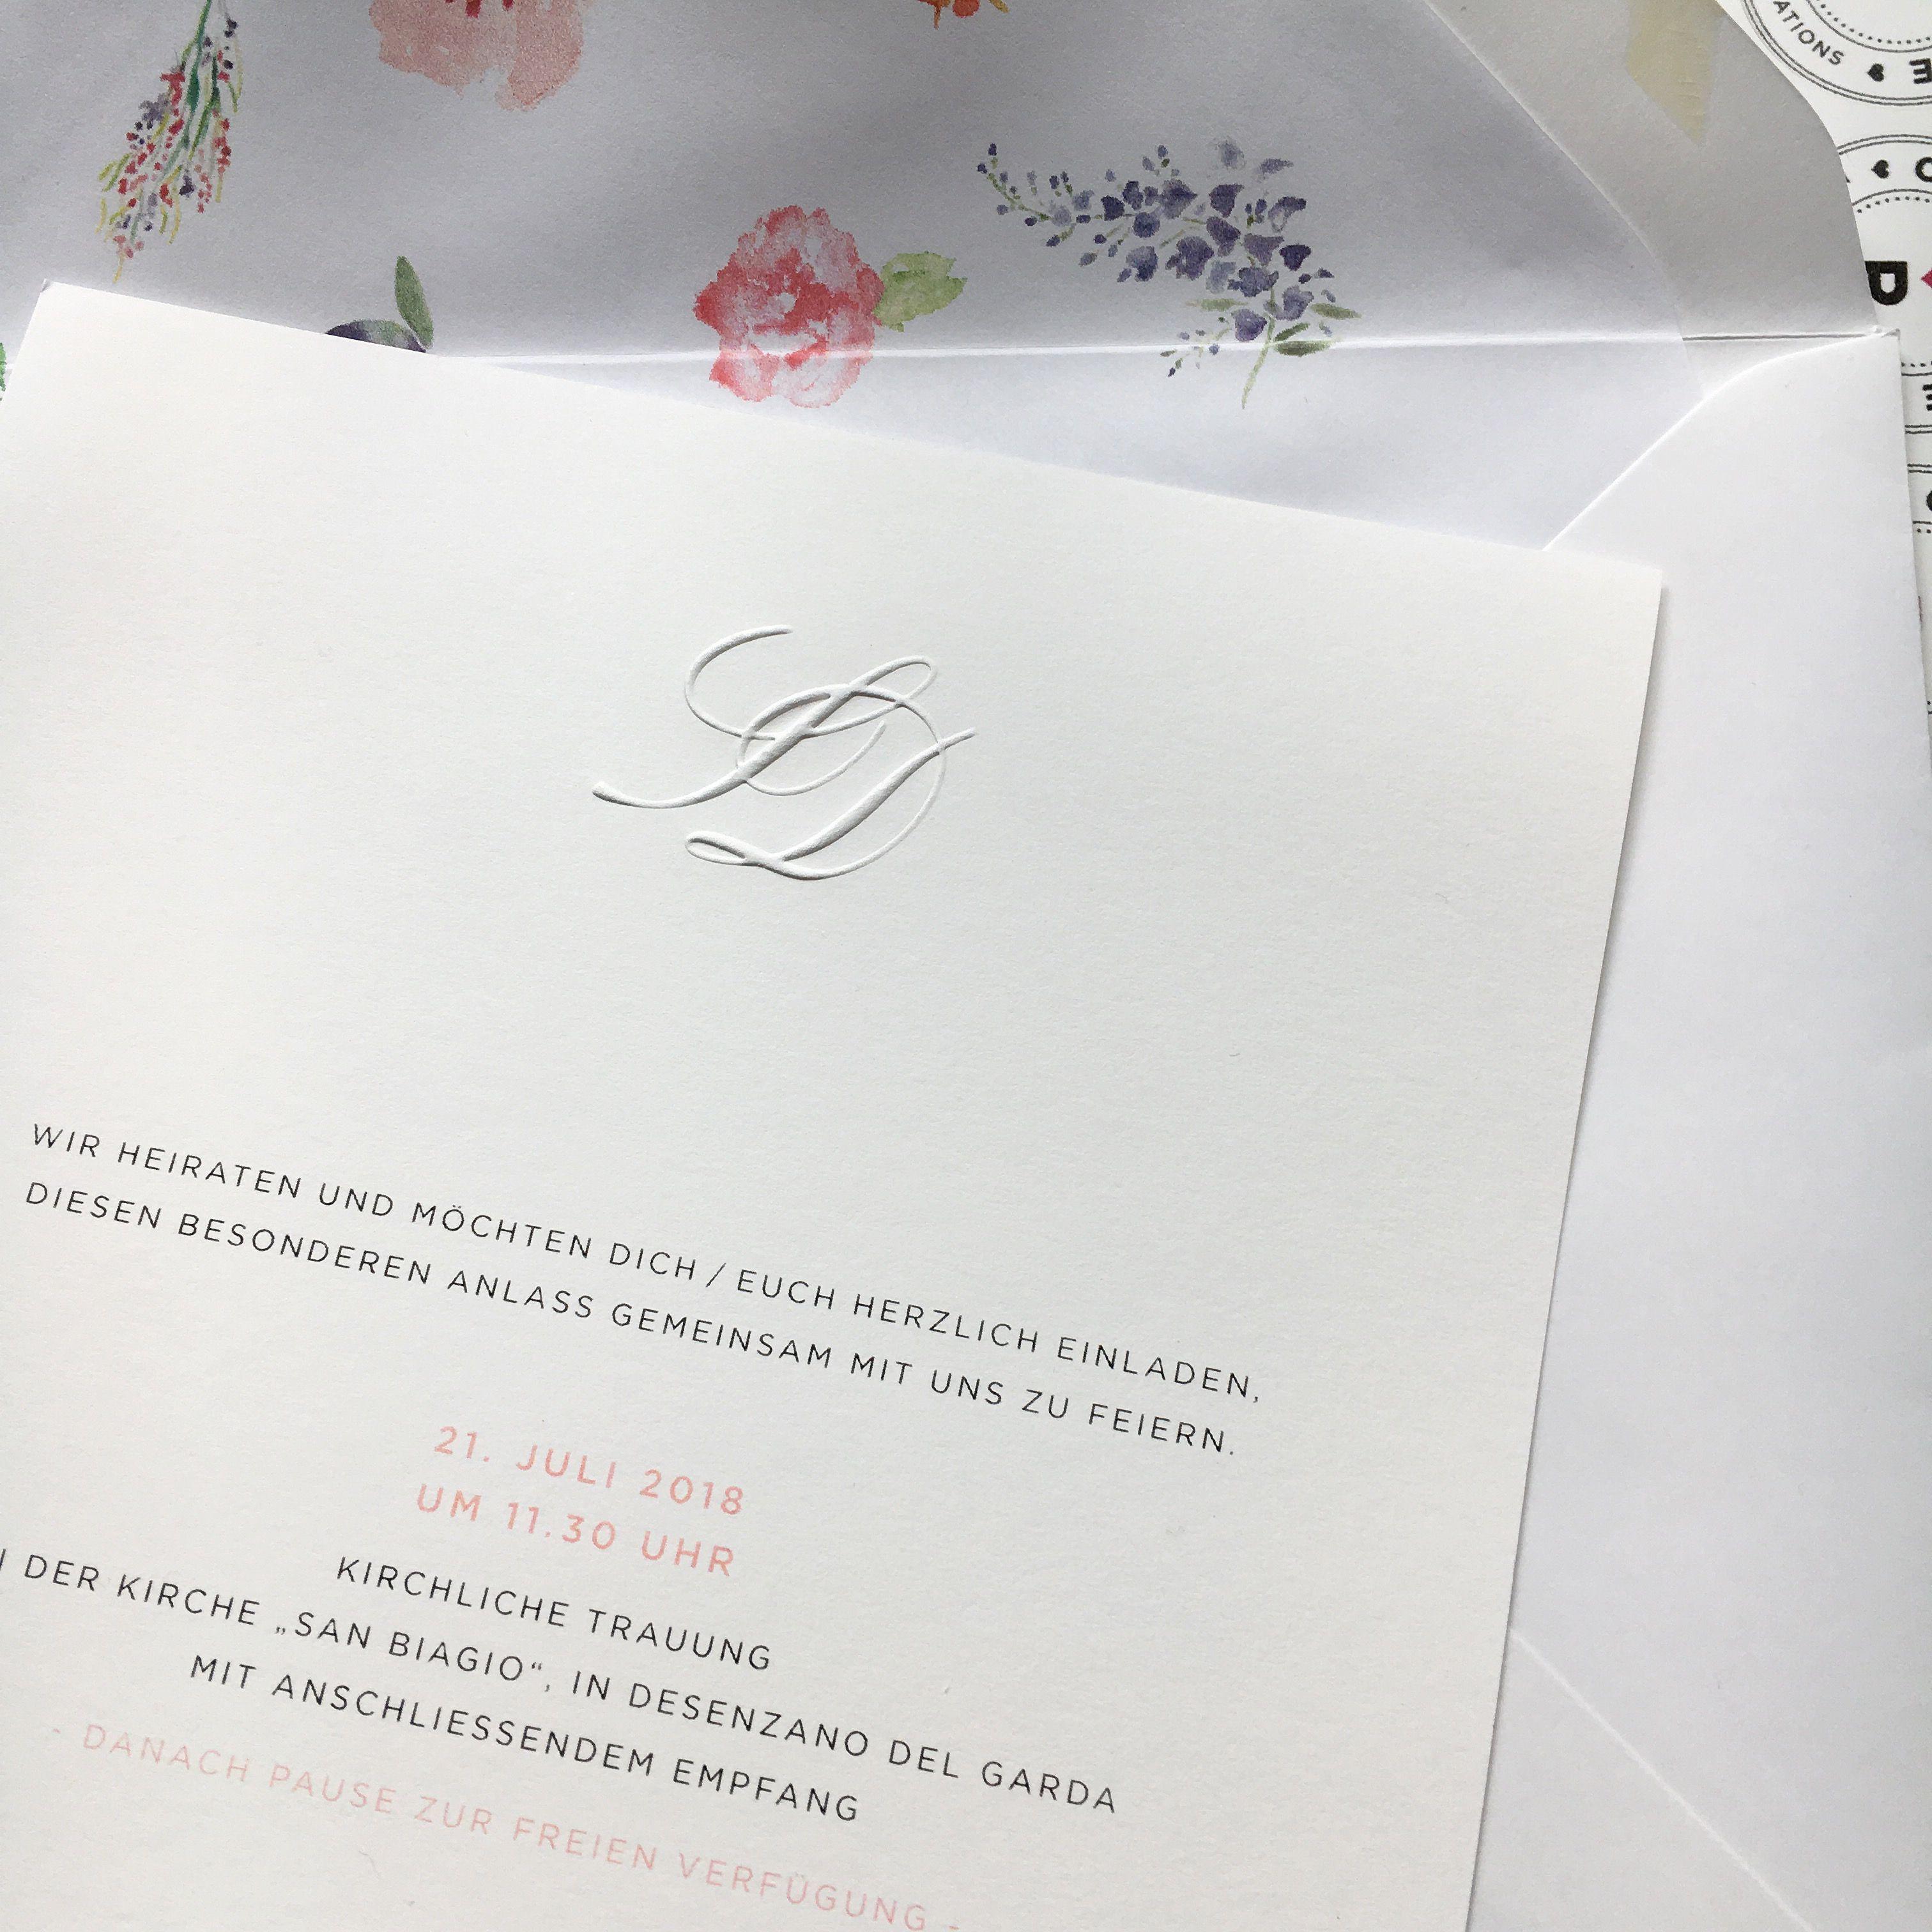 Geprägte initialen auf feinstpapier briefumschlag mit geblümten seideninnenfutter einfach schön